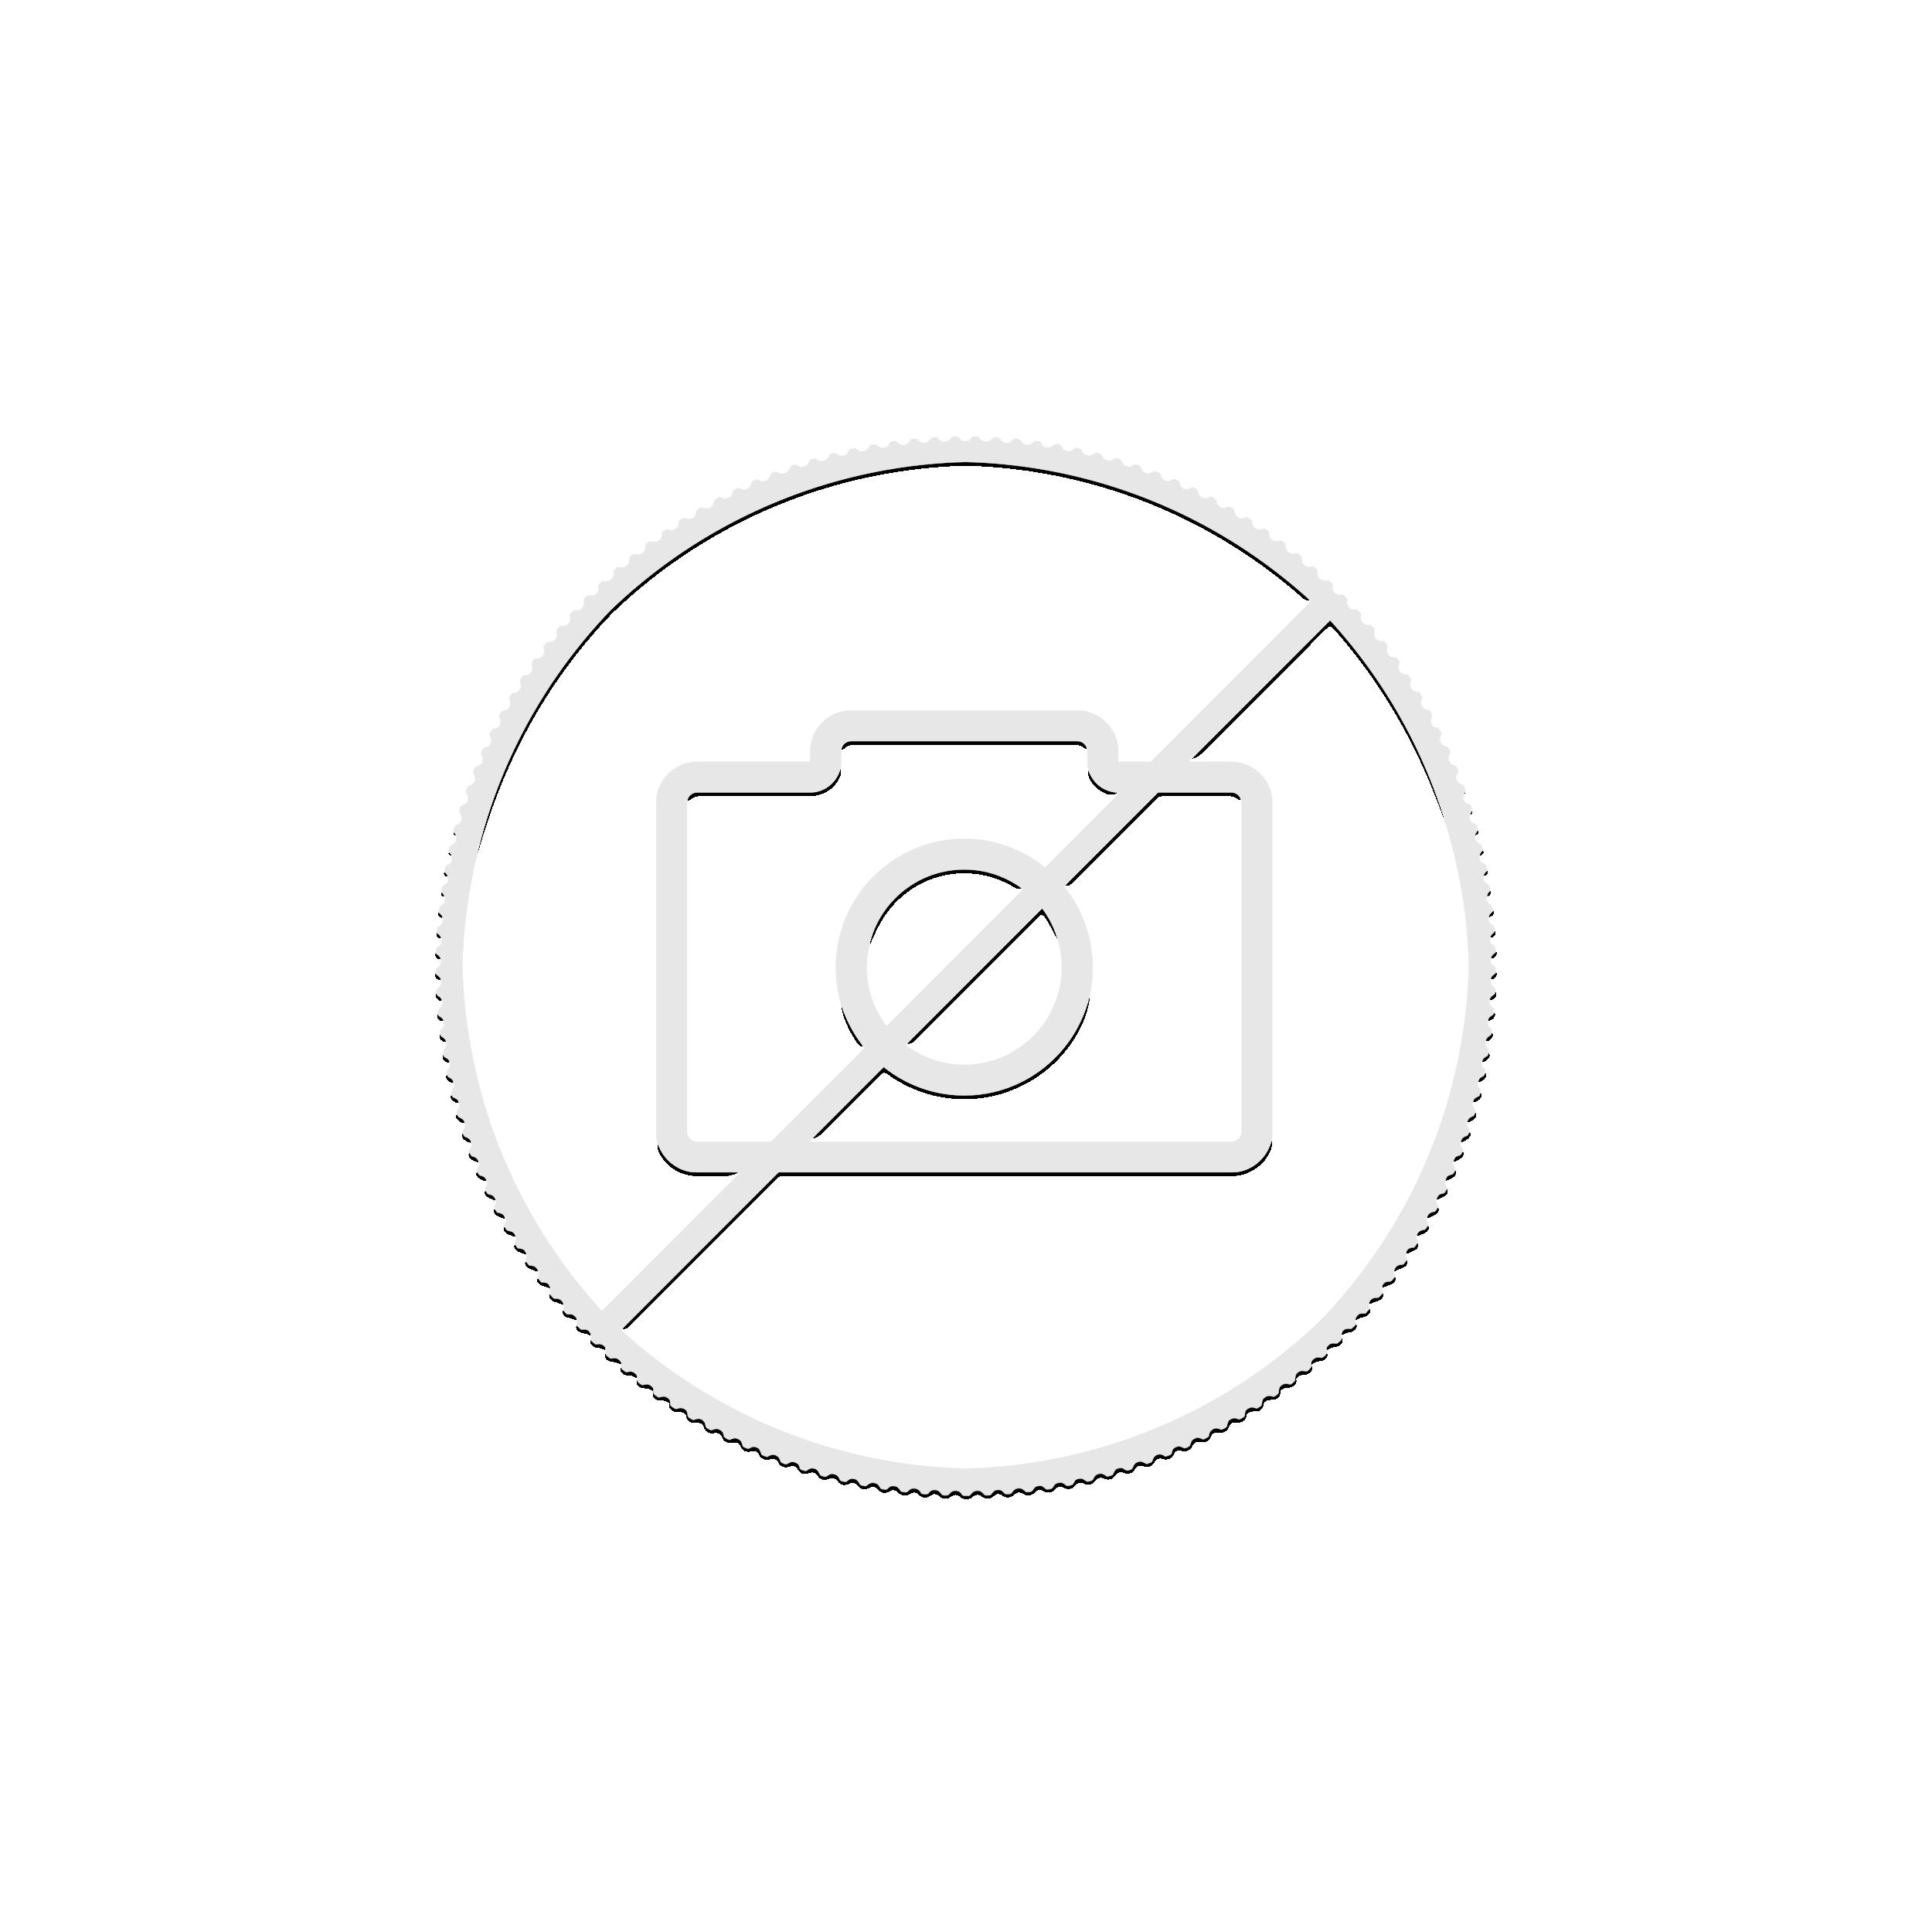 3 troy ounce zilveren munt Saturnus 2021